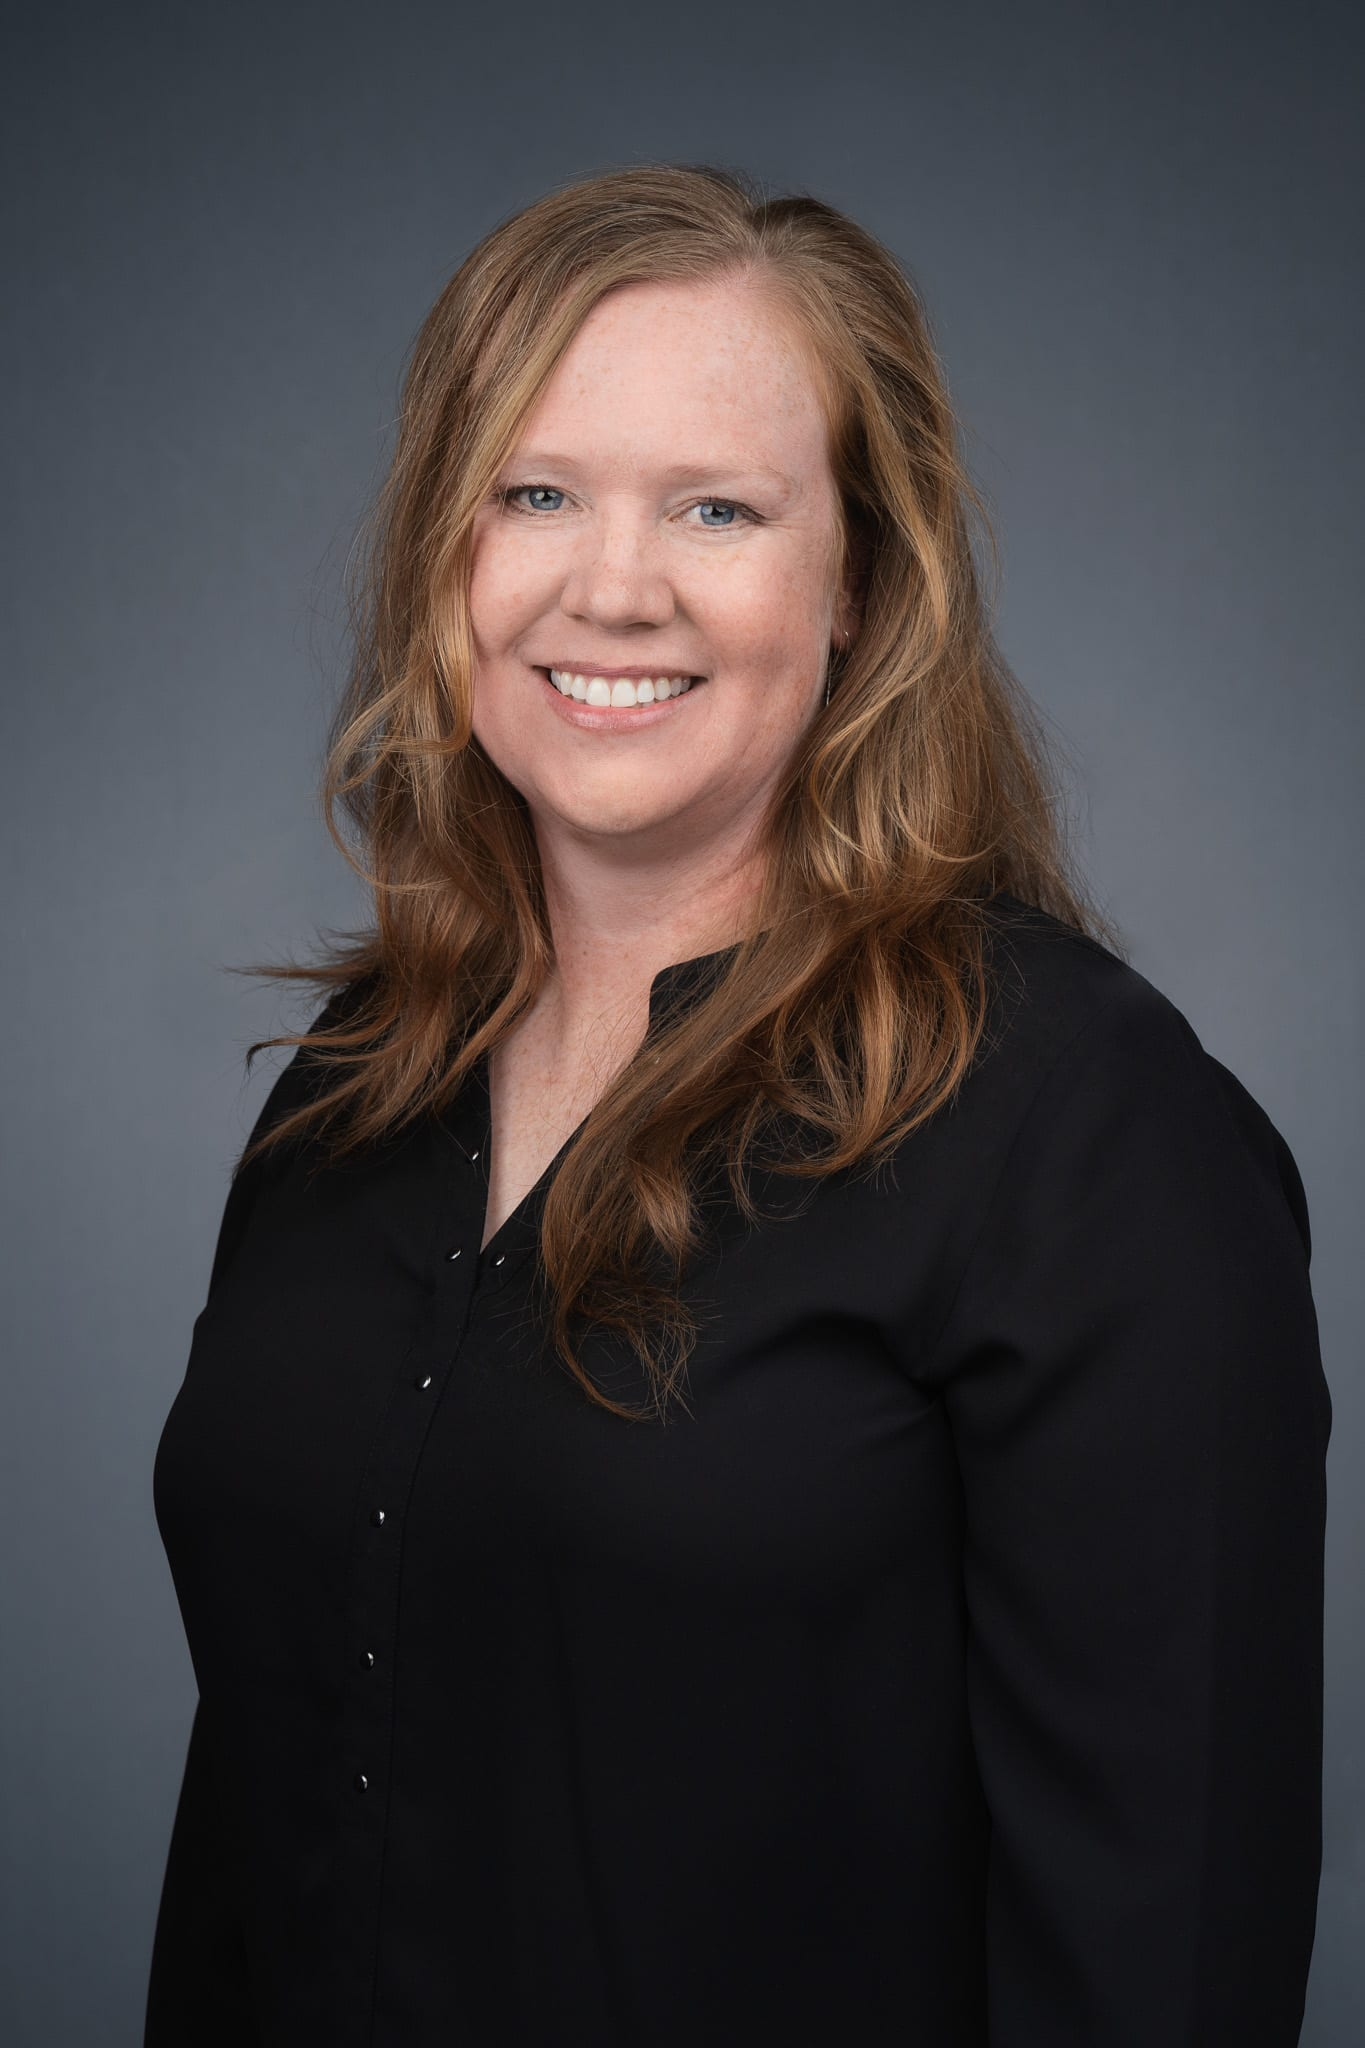 Kimberley Harding - Newton Cove Resort Manager